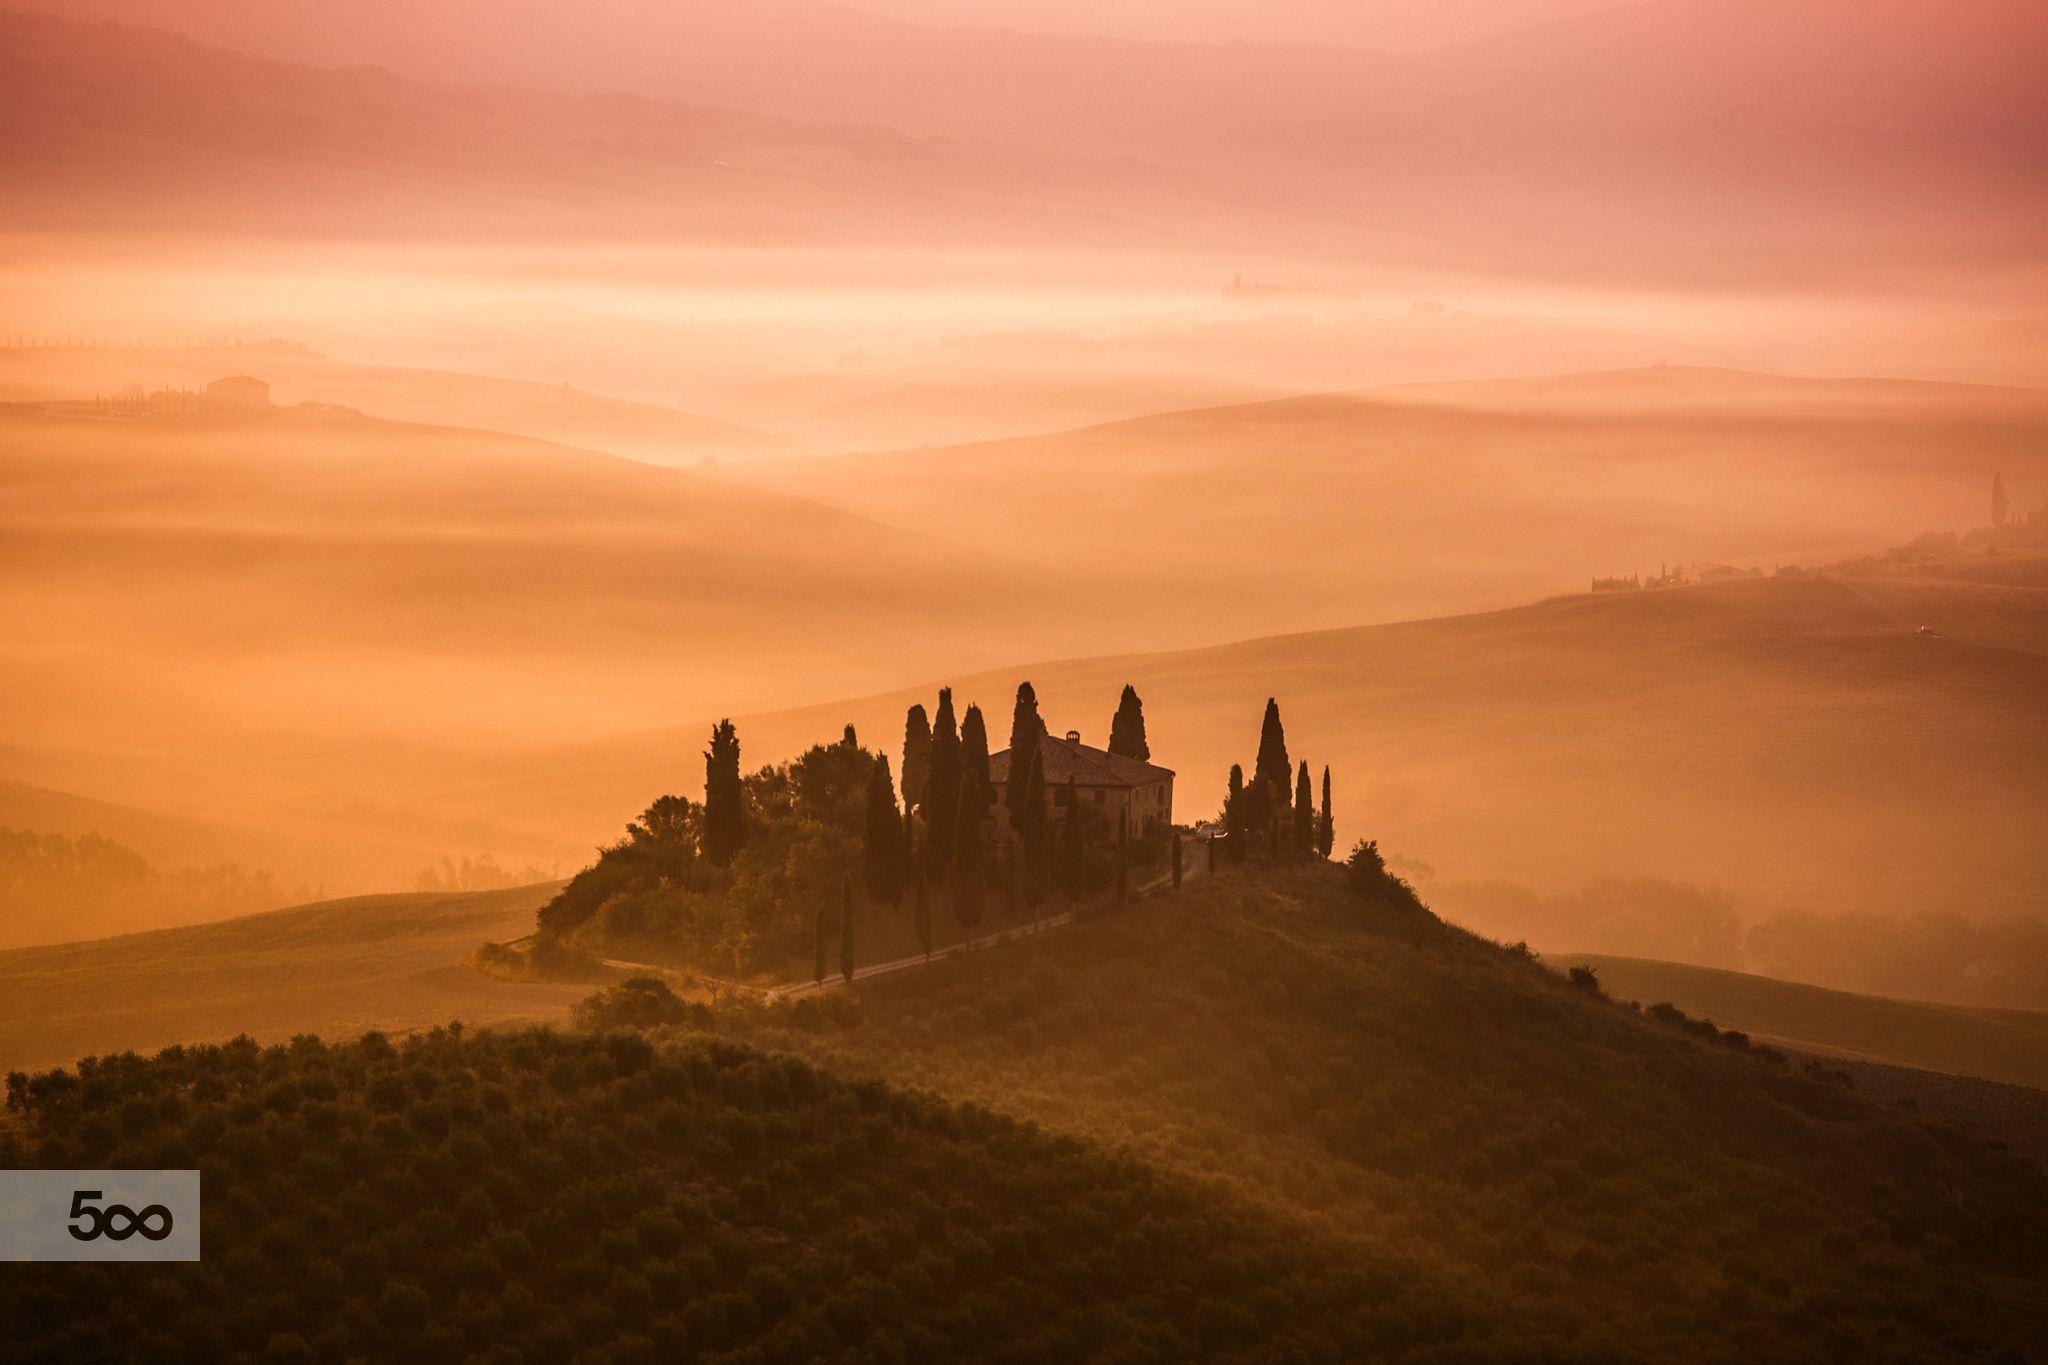 Photograph Podere Belvedere By Pasquale Di Pilato On 500px